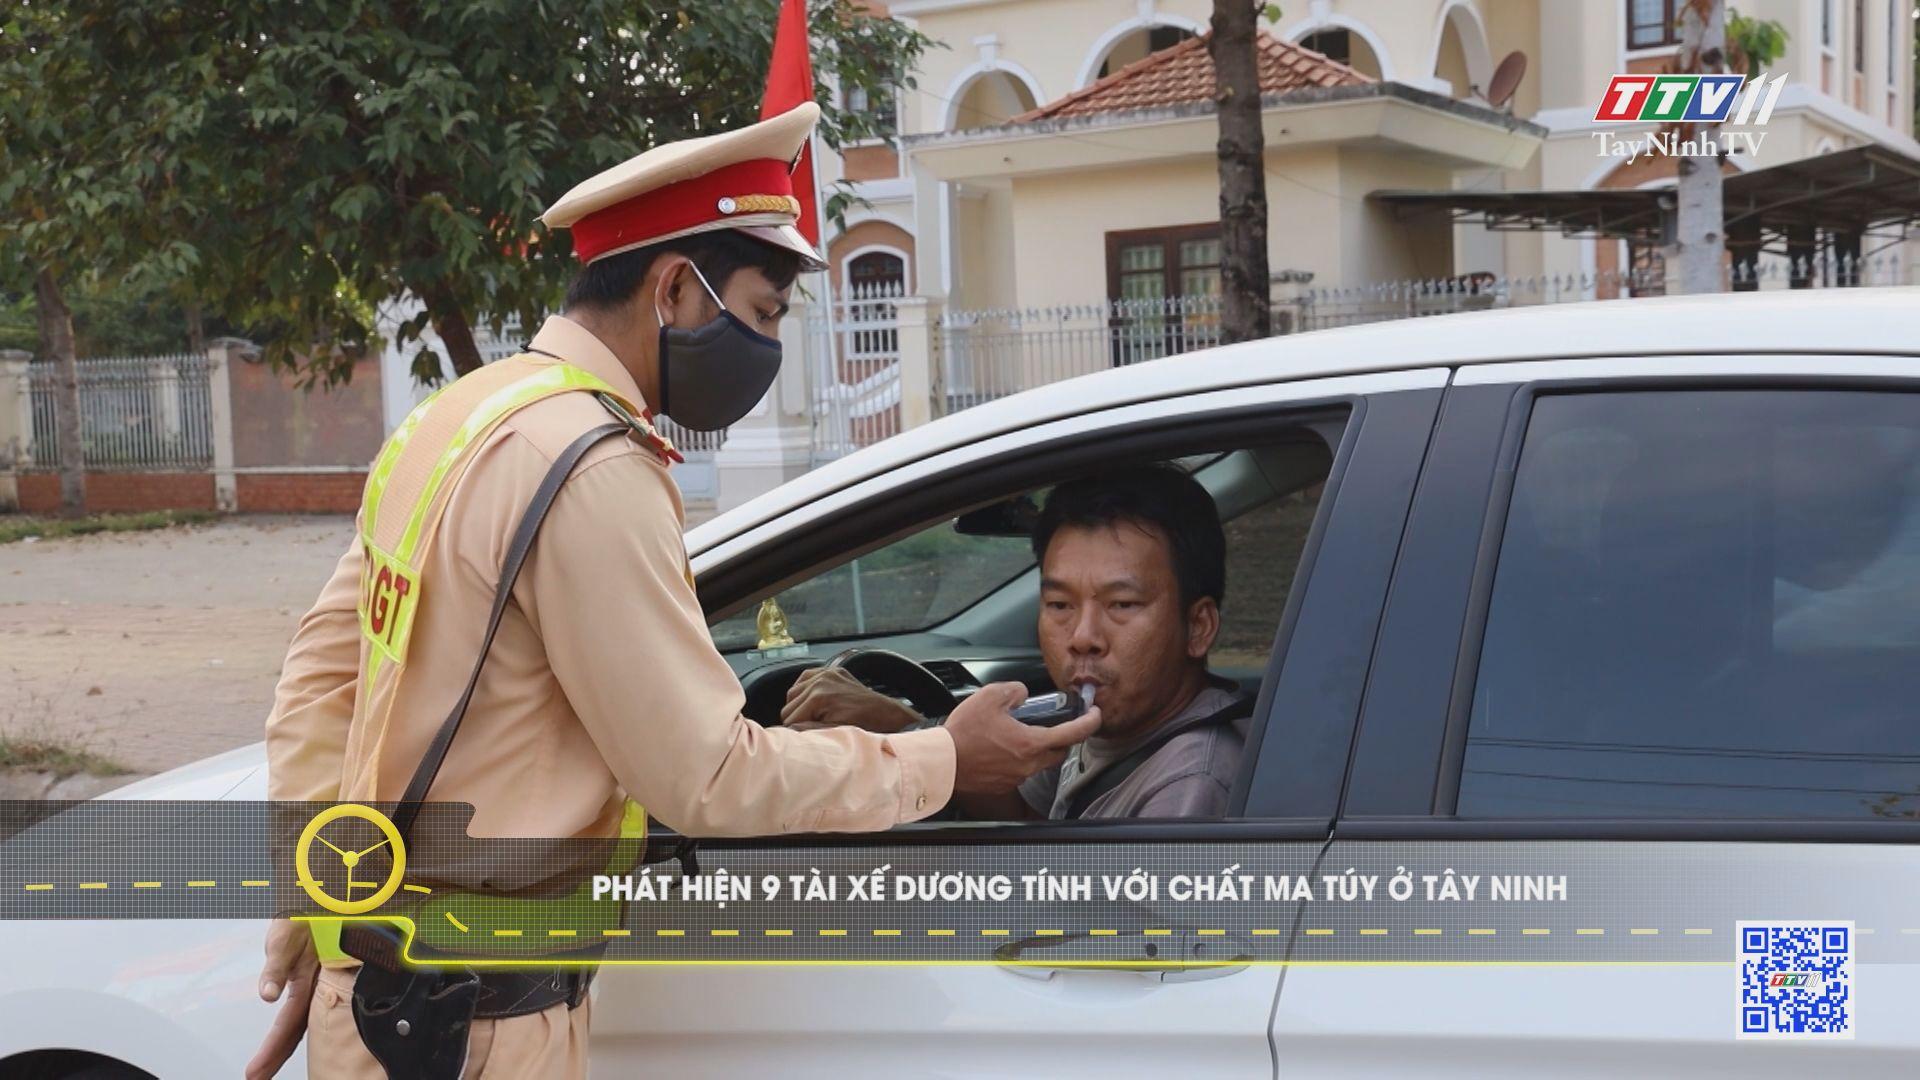 Tây Ninh: phát hiện 9 tài xế dương tính với chất ma túy | VĂN HÓA GIAO THÔNG | TayNinhTV